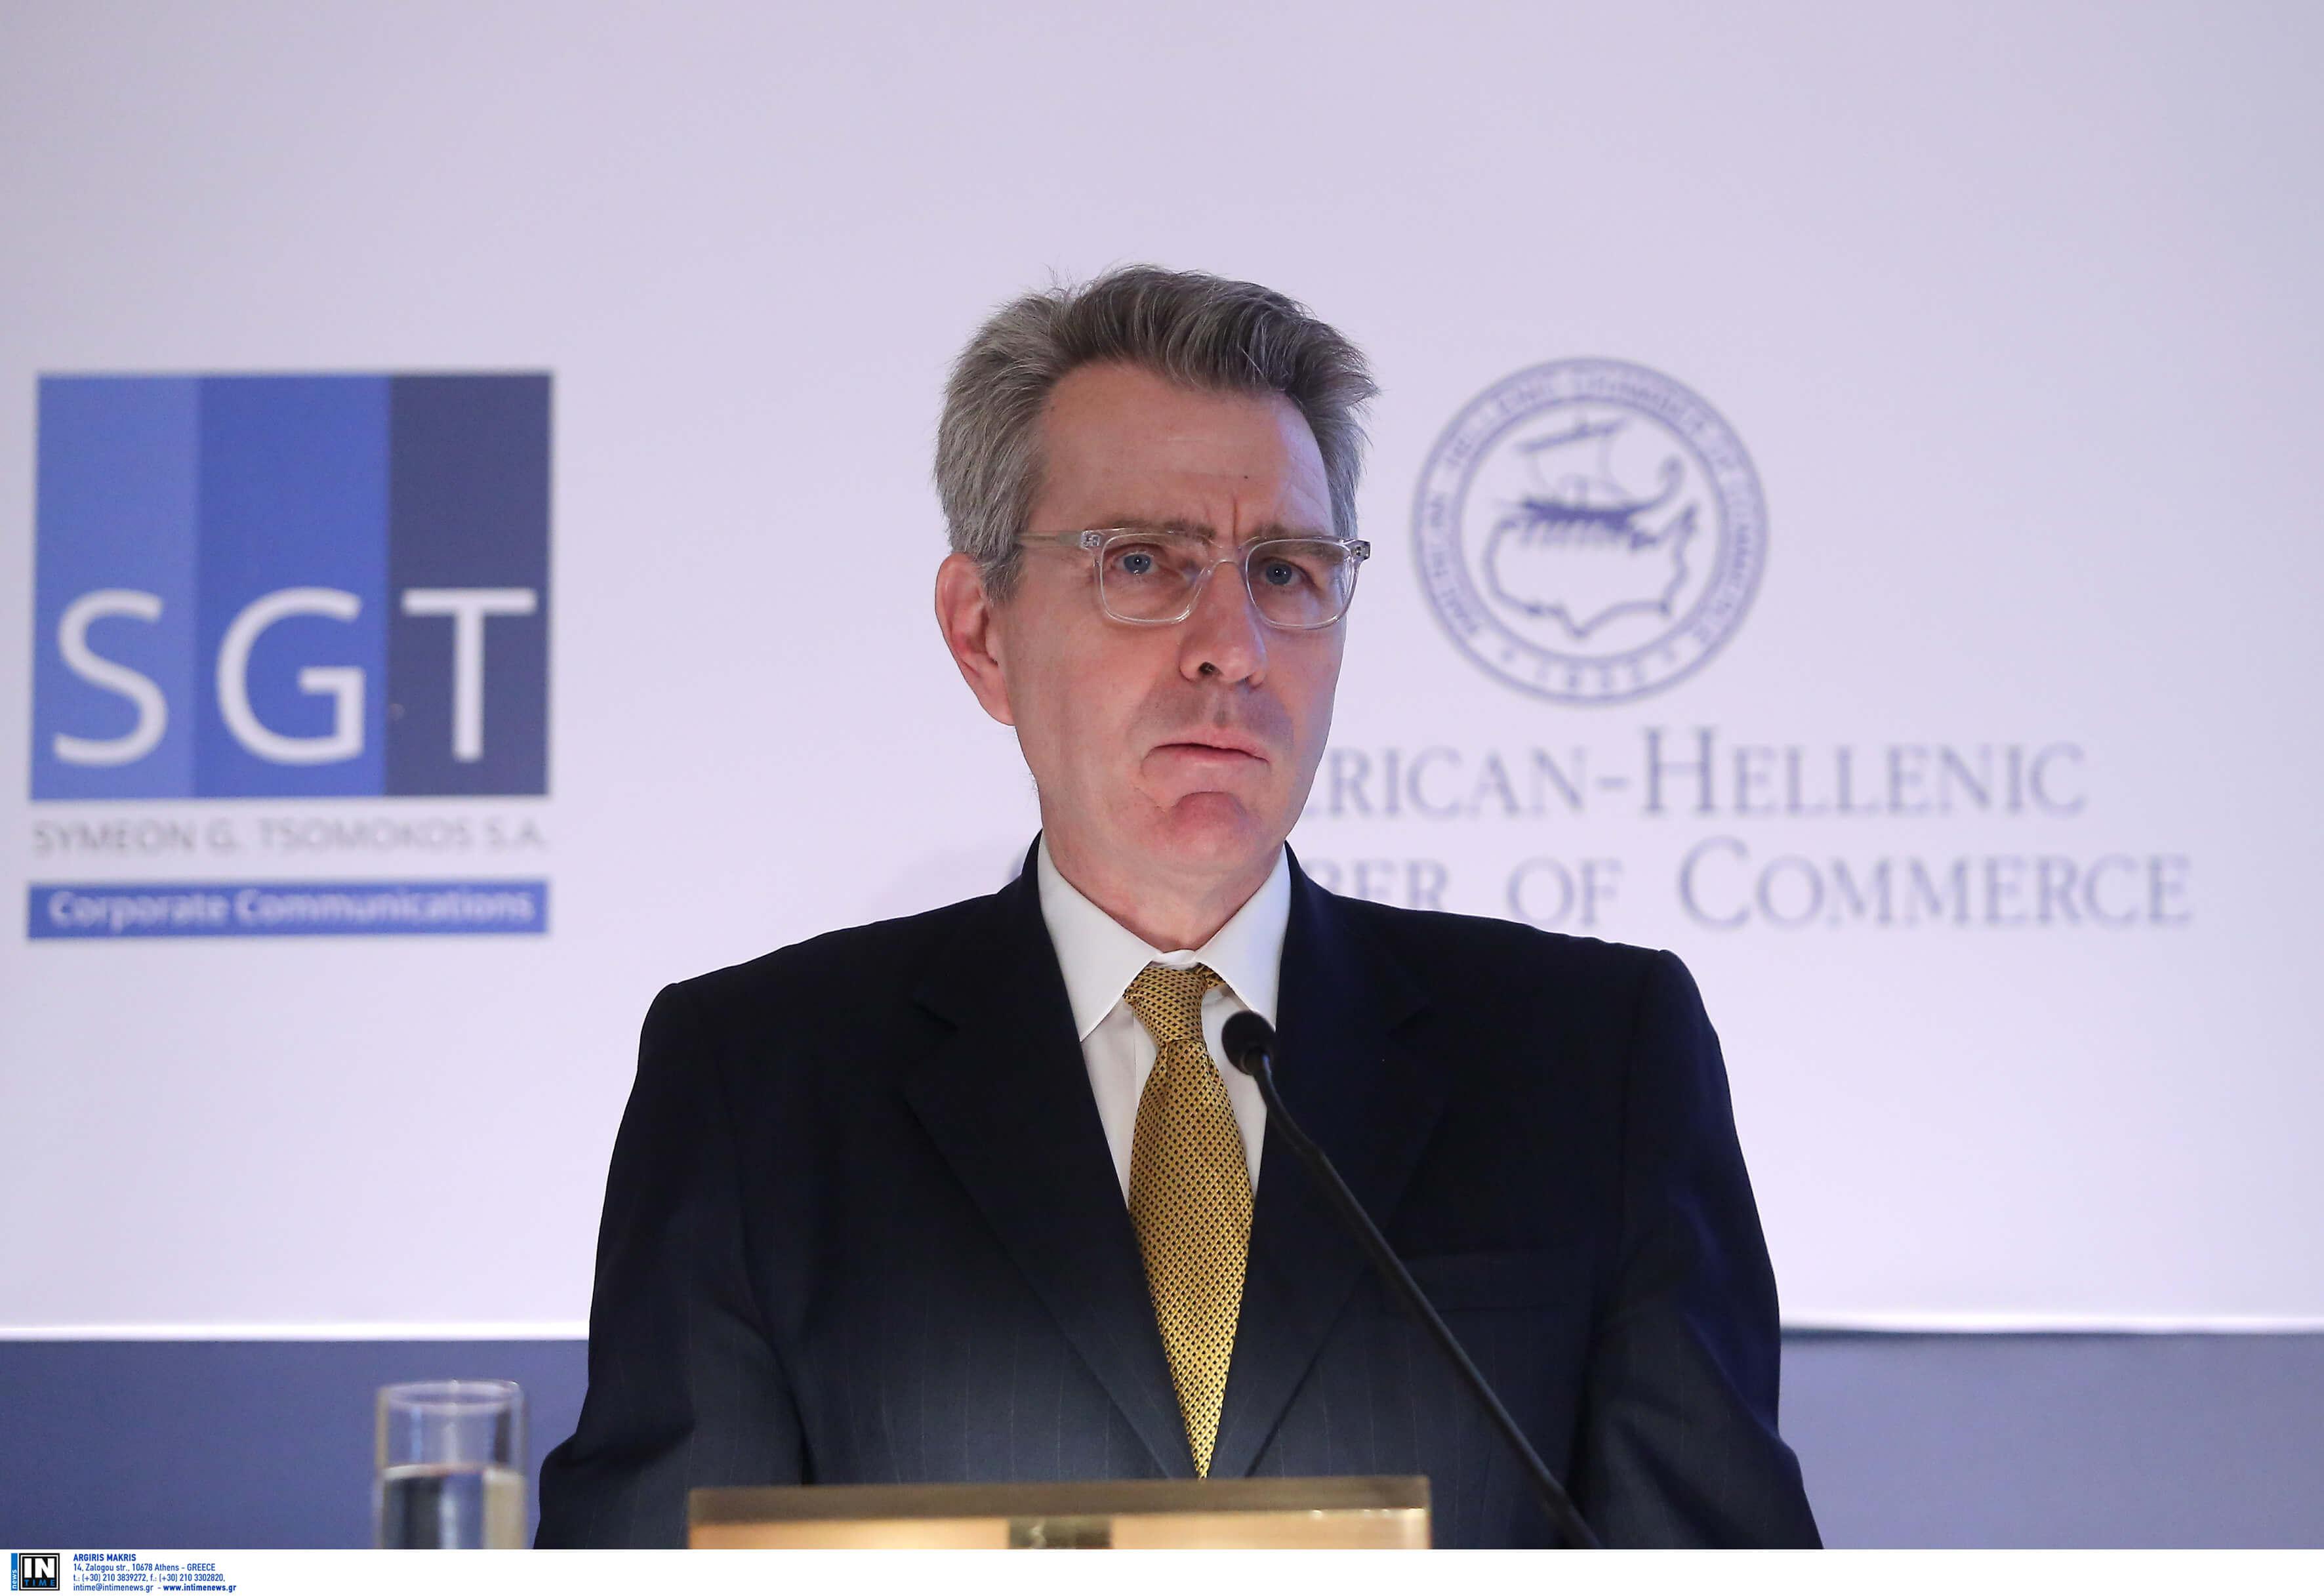 Αμερικανός πρέσβης: Παρερμηνεύθηκαν οι δηλώσεις μου για προσπάθεια της Ρωσίας να επηρεάσει τις εκλογές